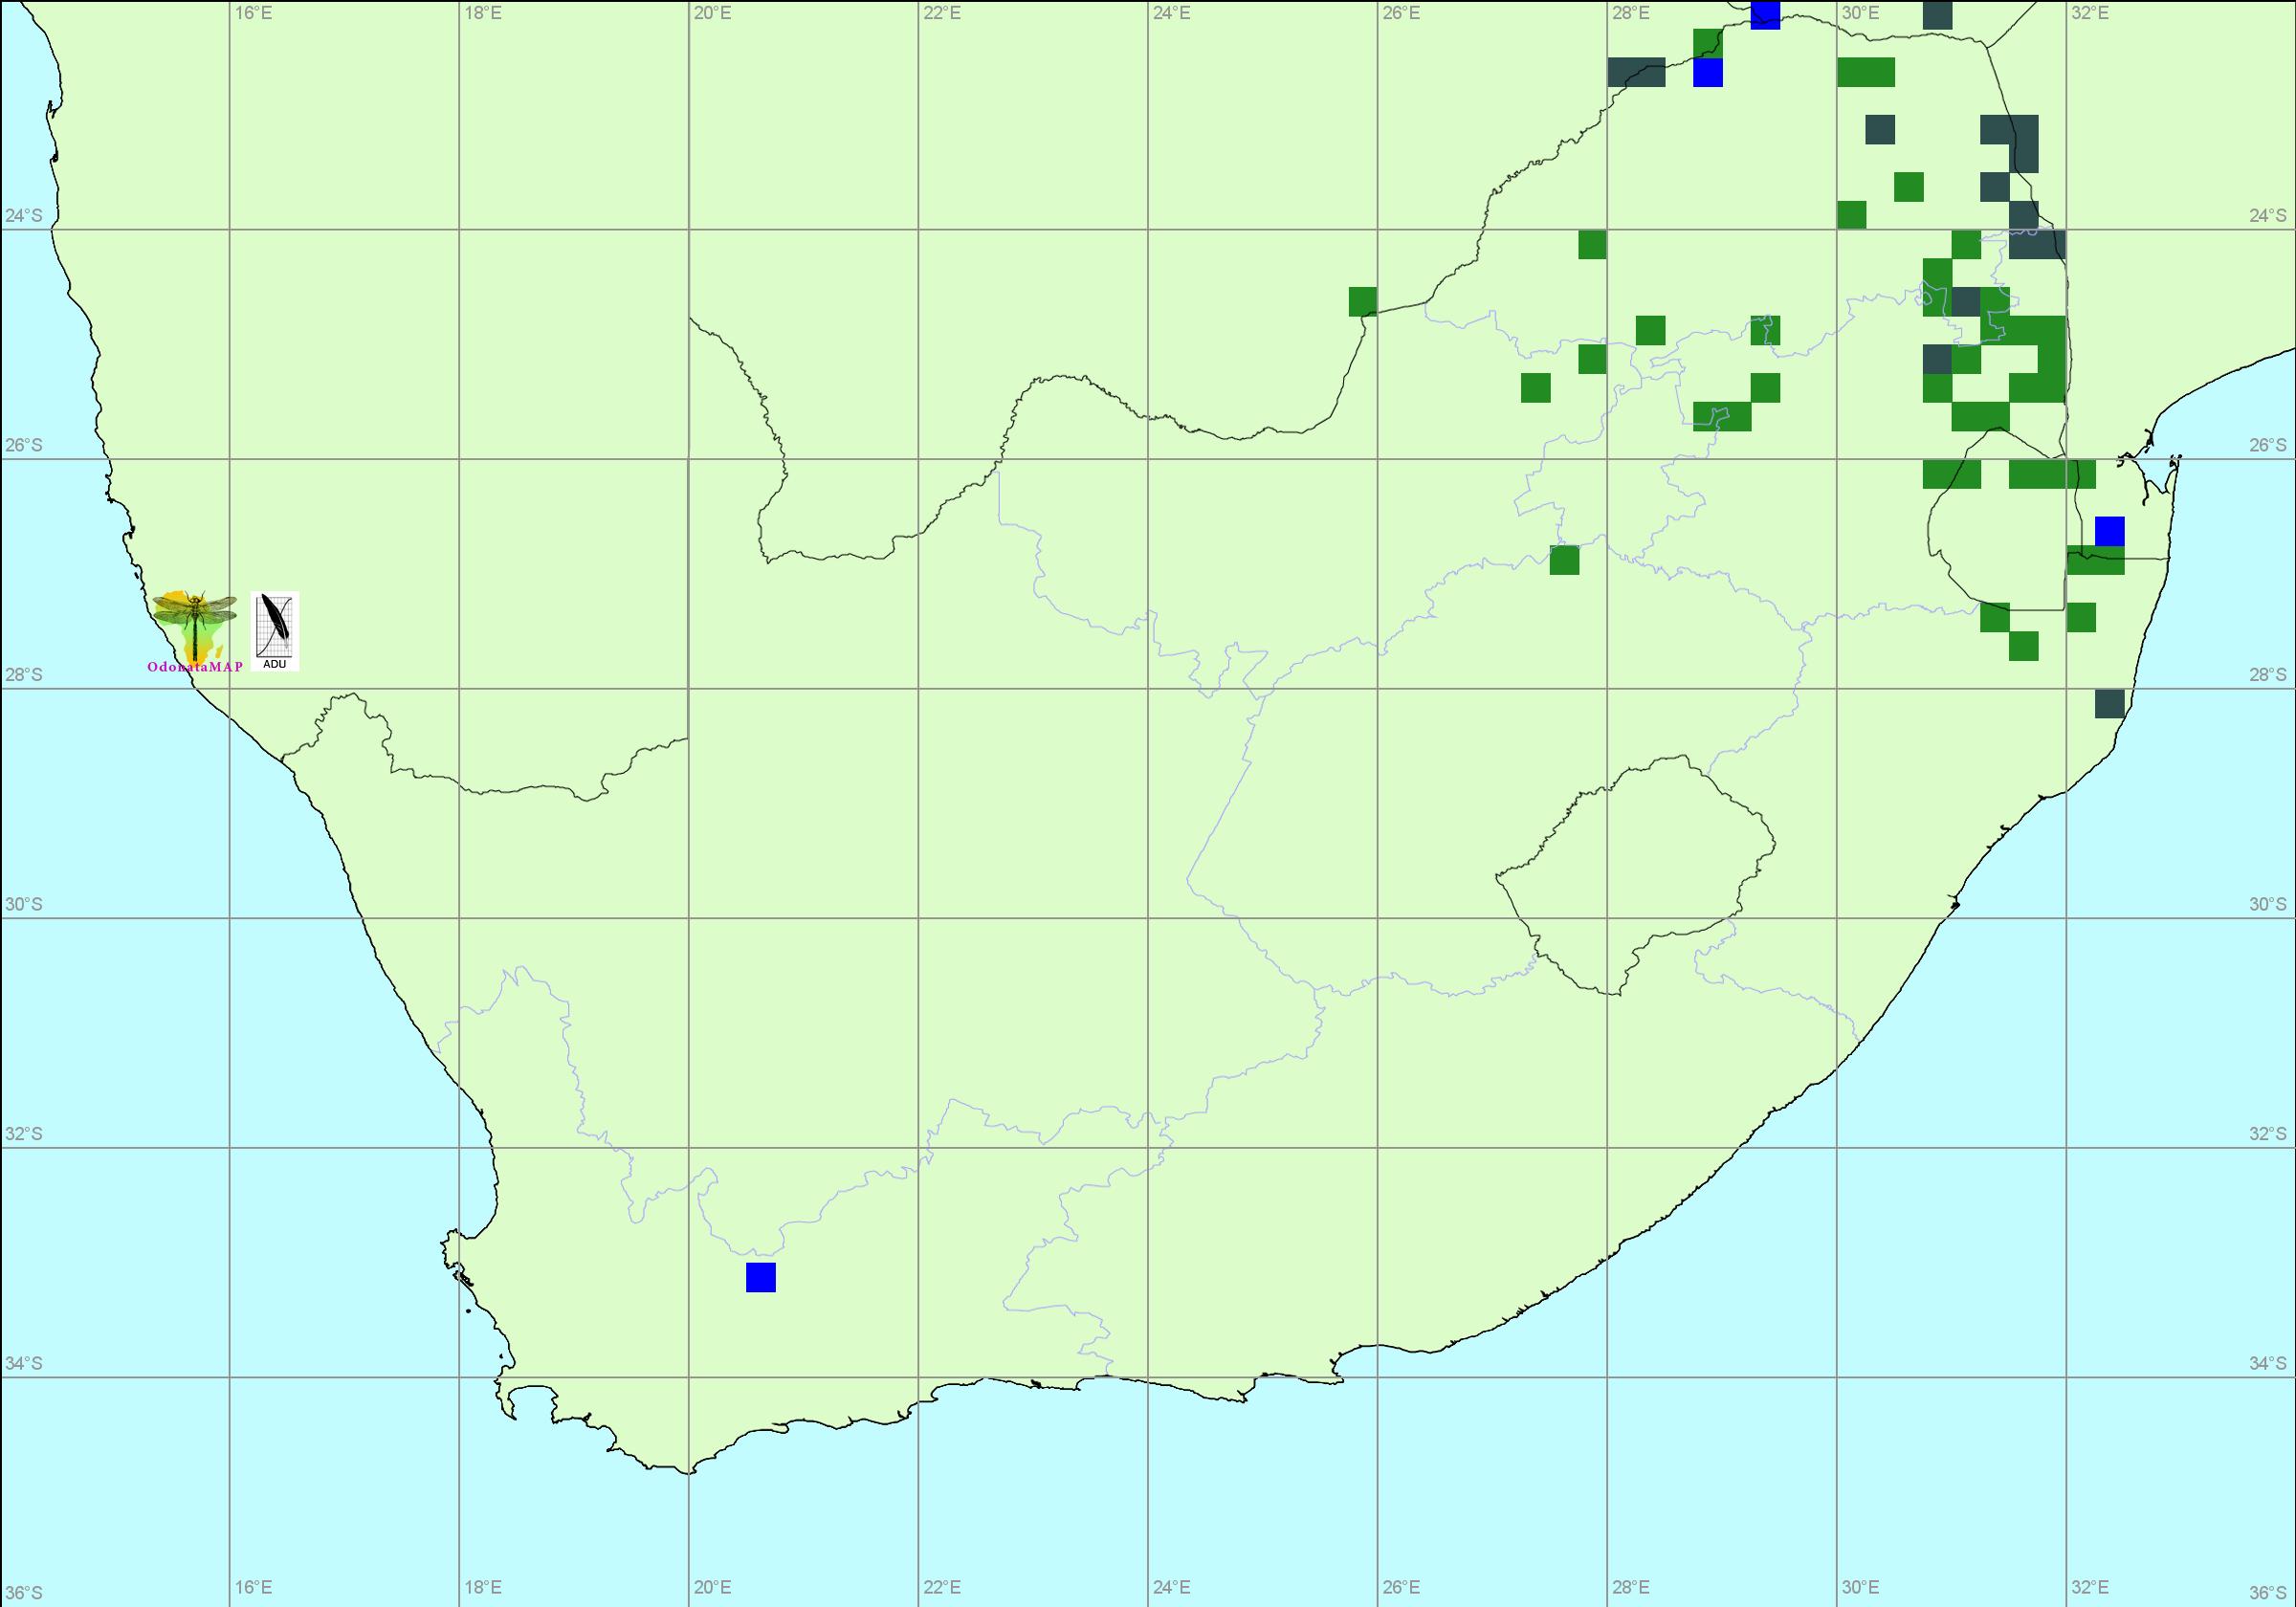 http://vmus.adu.org.za/vm_map_afr.php?&database=odonata&grid=2&outline=1&key=0&map=3&spp=667020